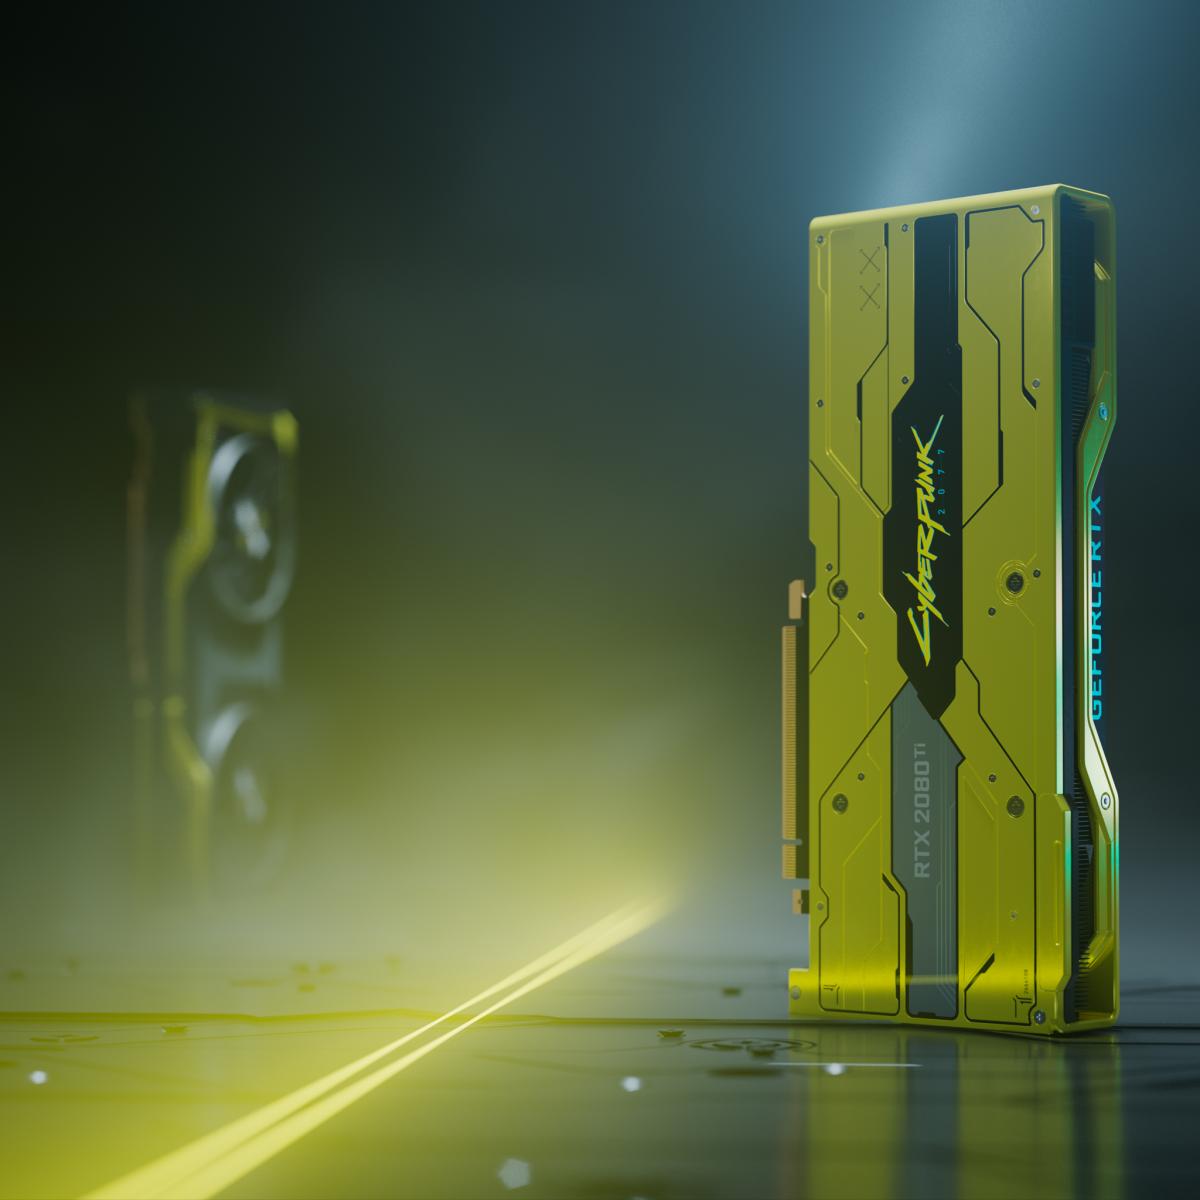 NVIDIA выпустила видеокарту в честь выхода игры Cyberpunk 2077, но продавать ее не будет